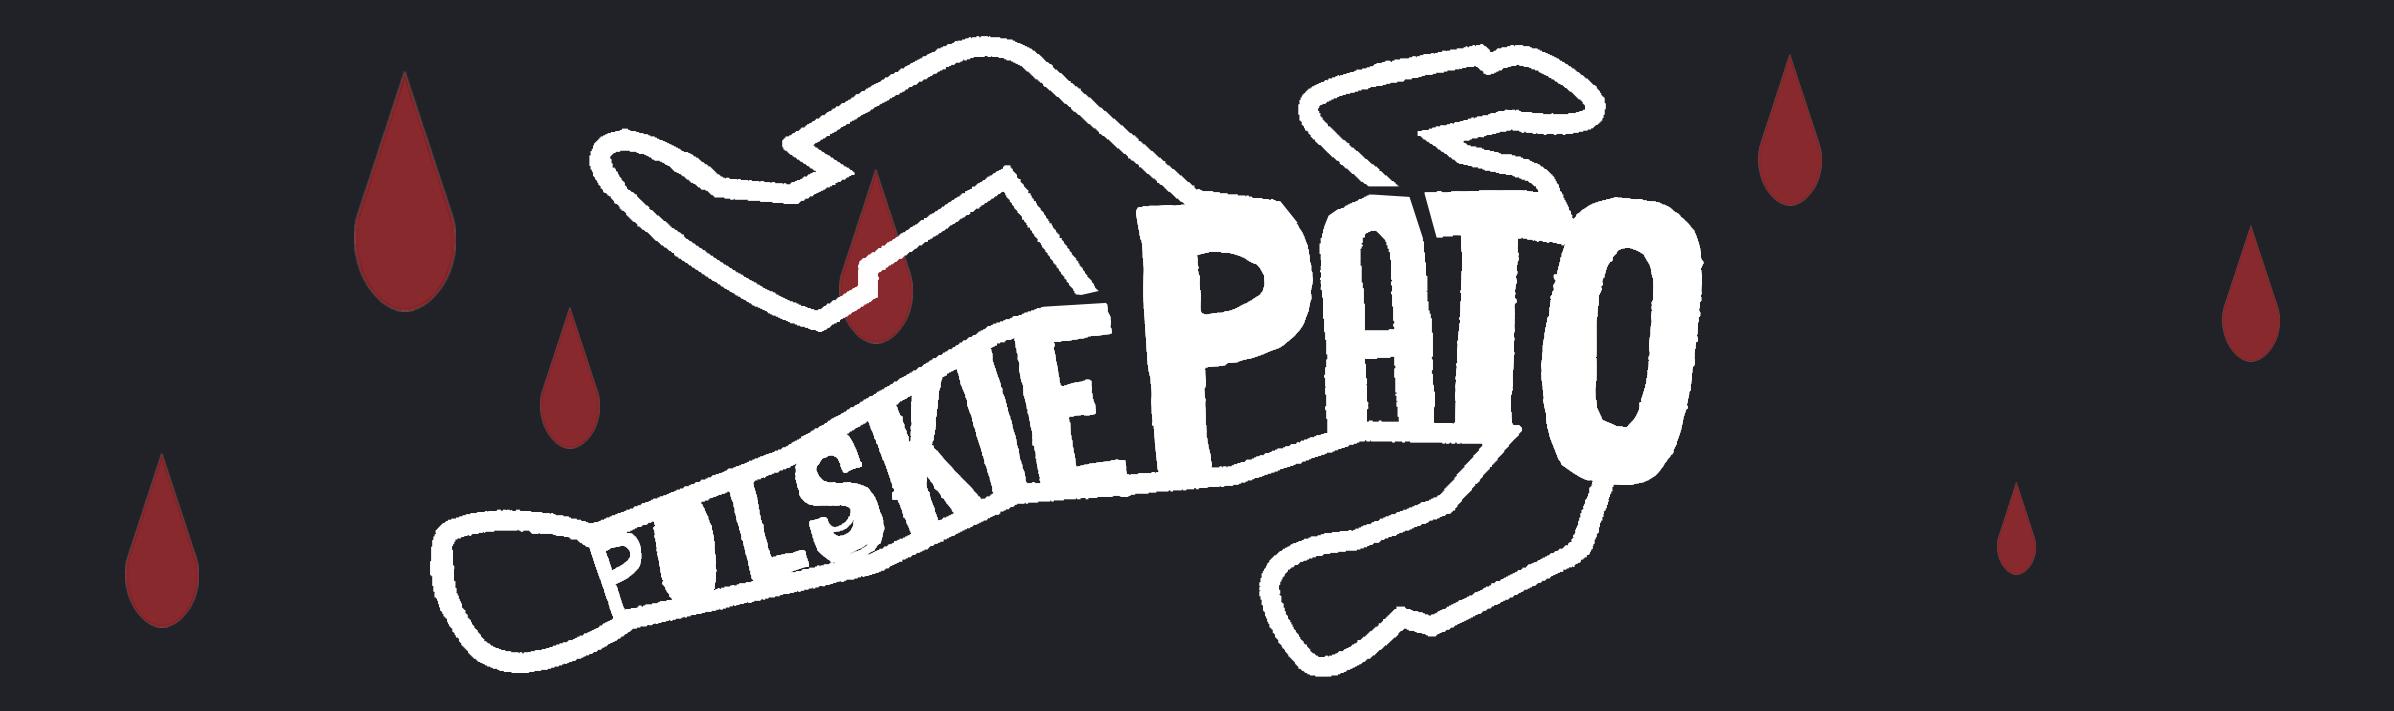 Polskie Pato